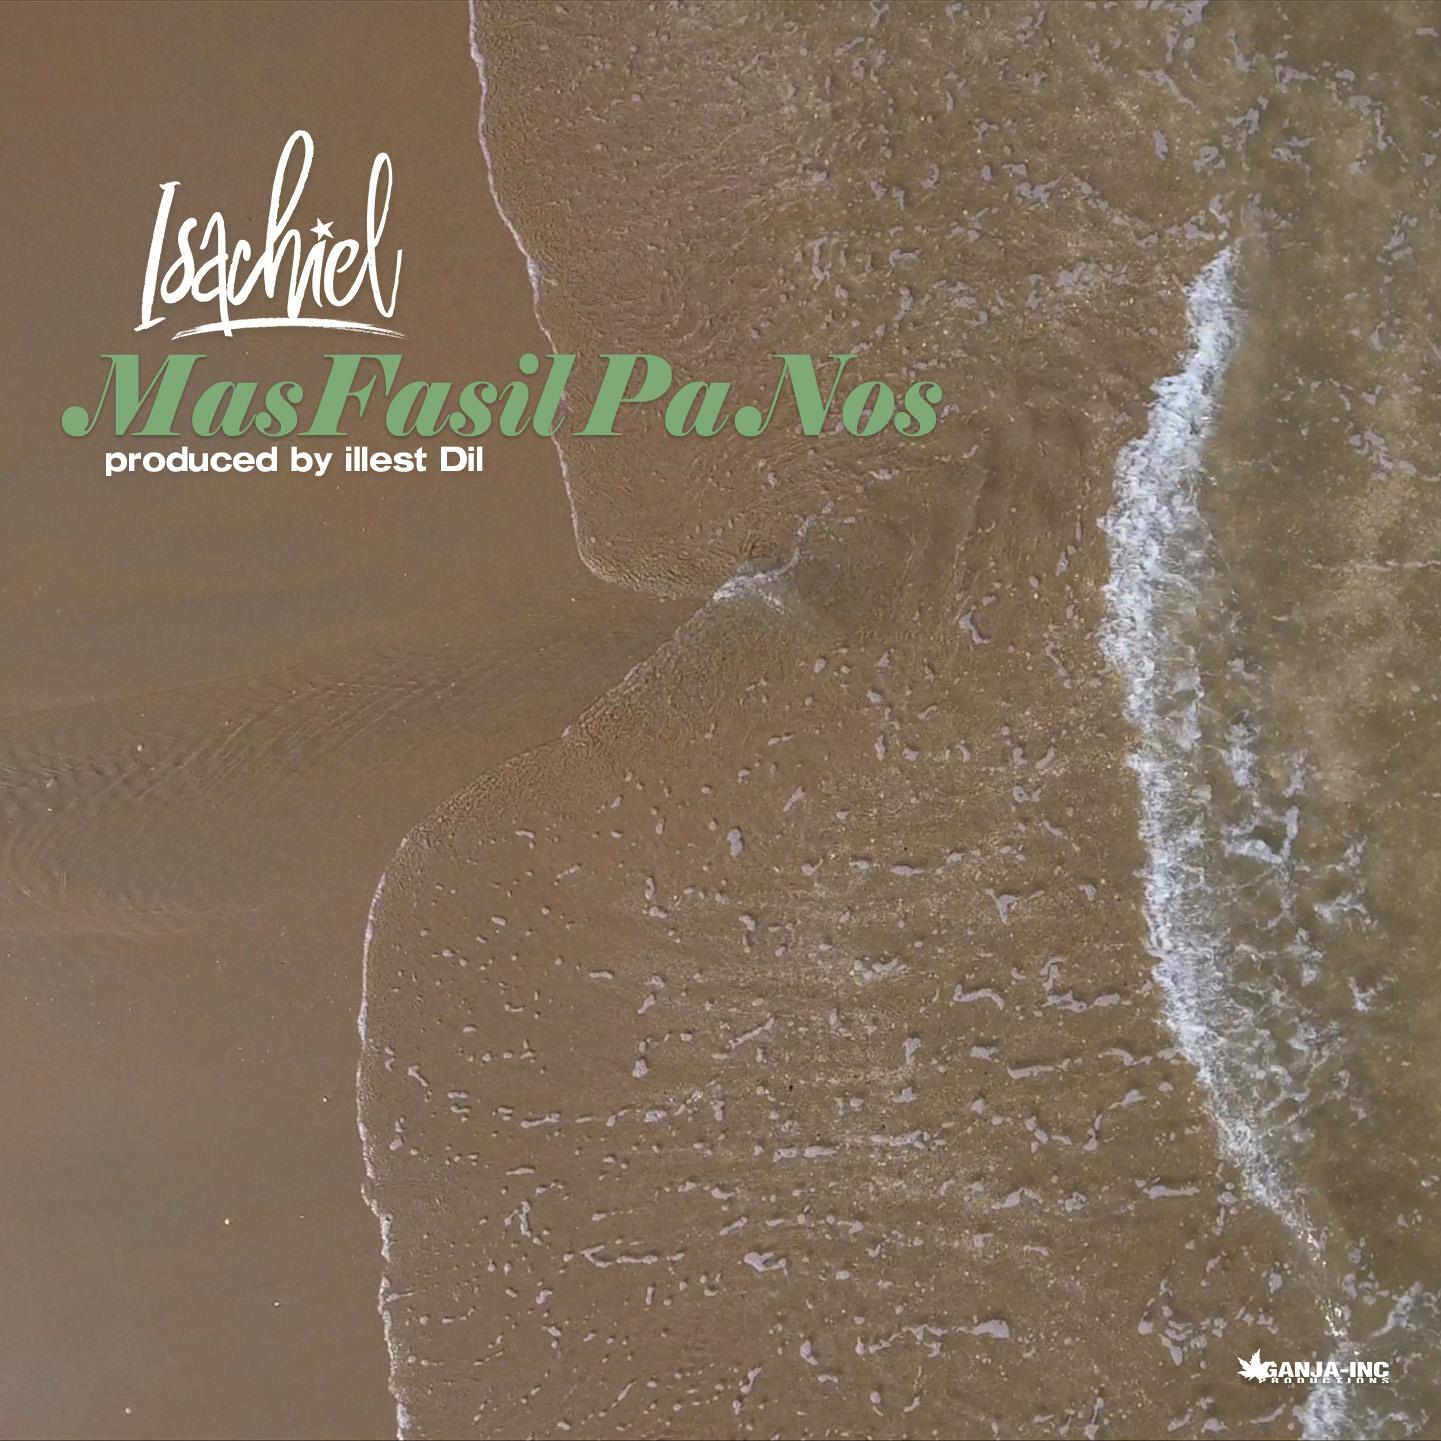 Isachiel – Mas Fasil Pa Nos (Prod. Illest Dil)